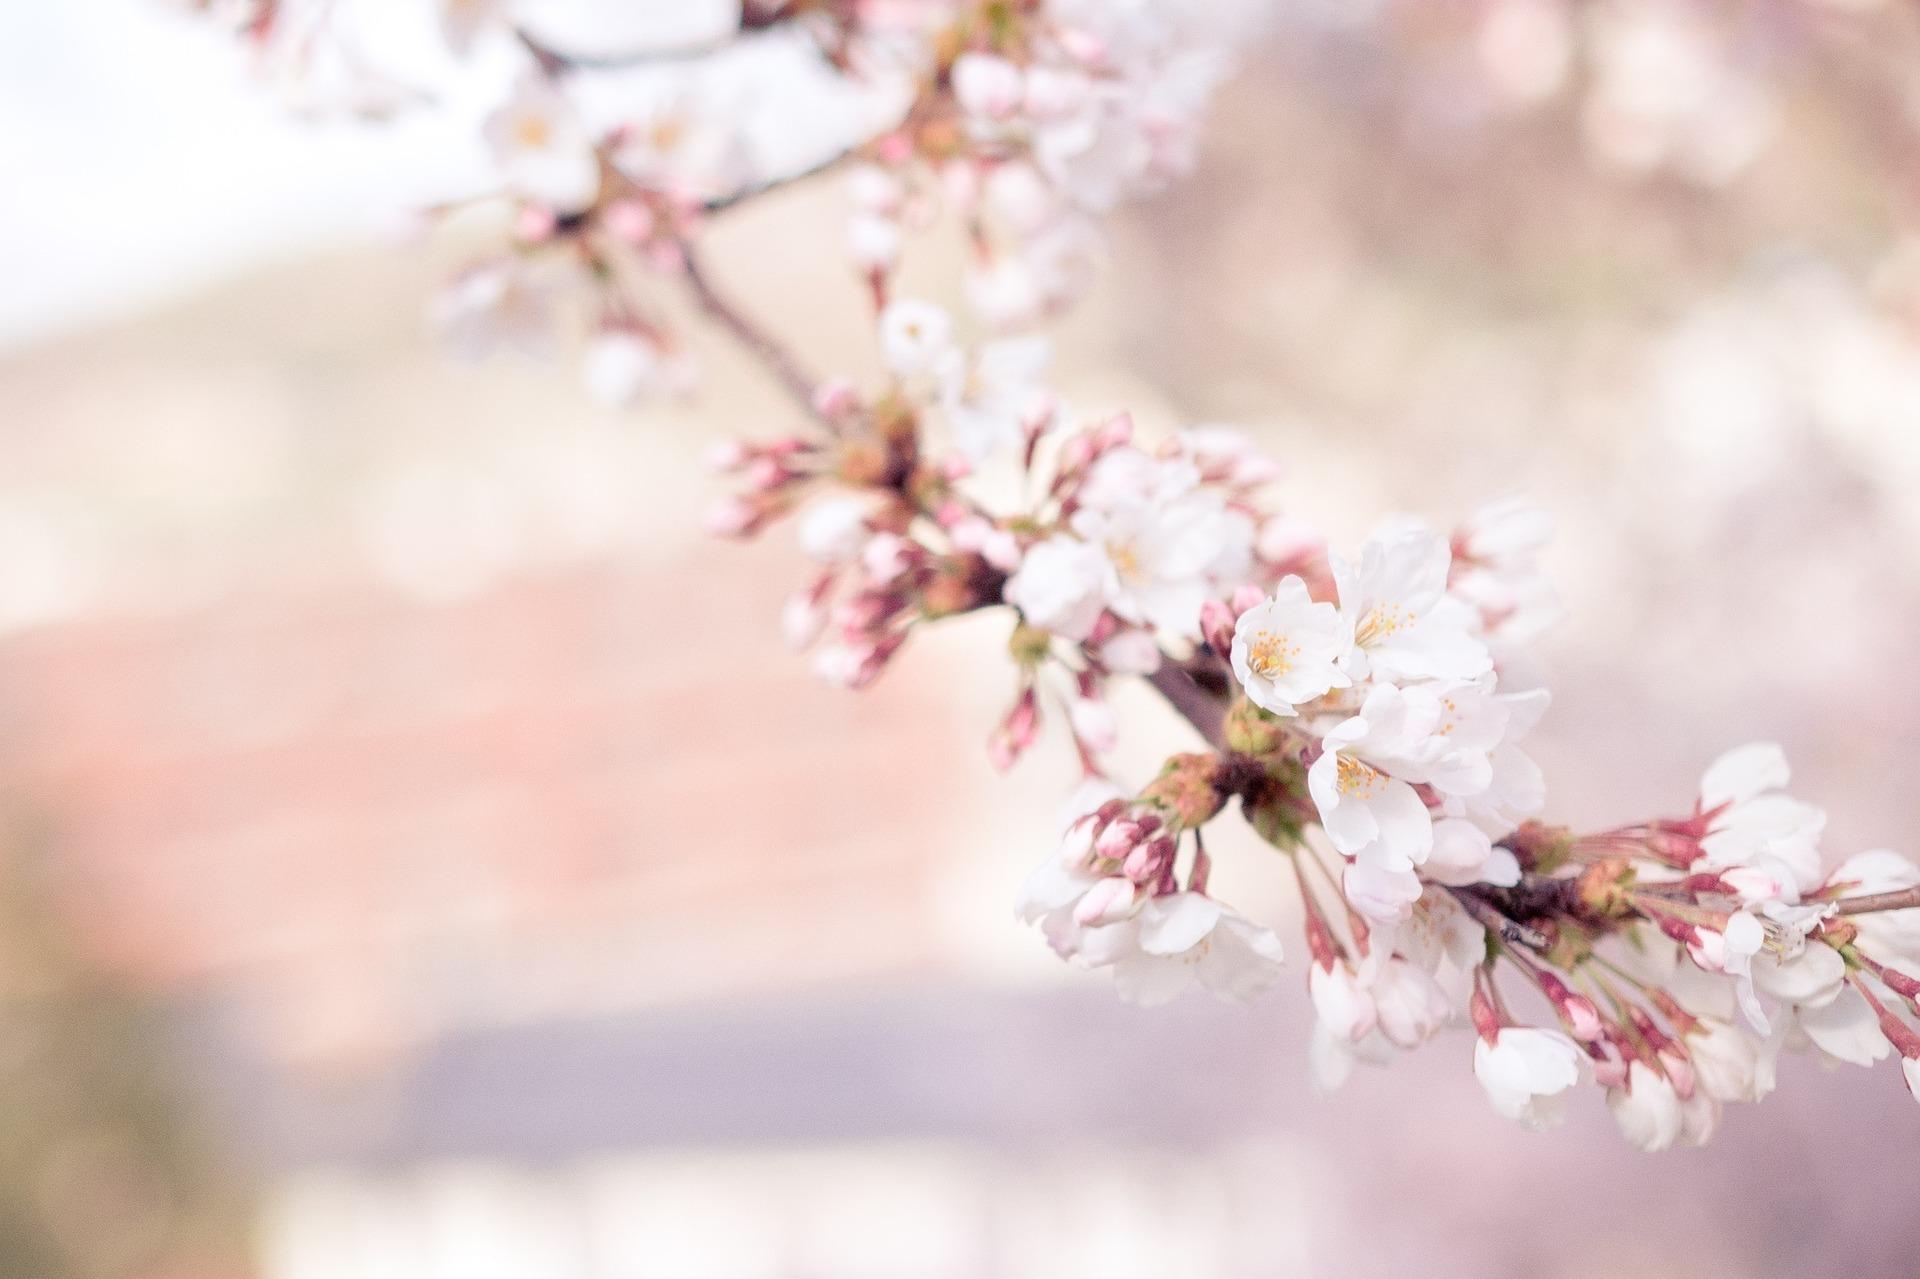 cherry-blossom-1209933_1920